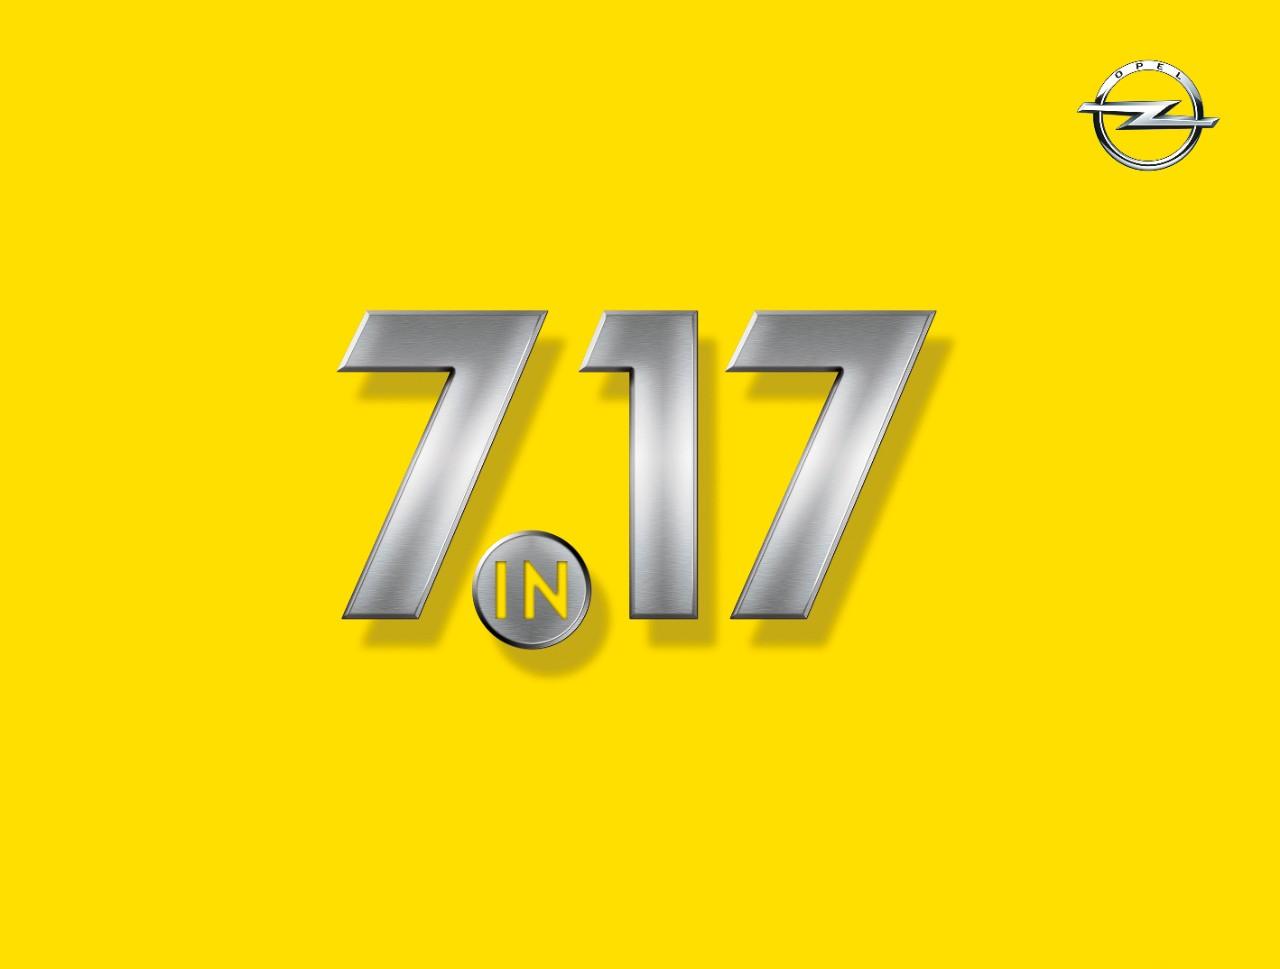 opel-7-17